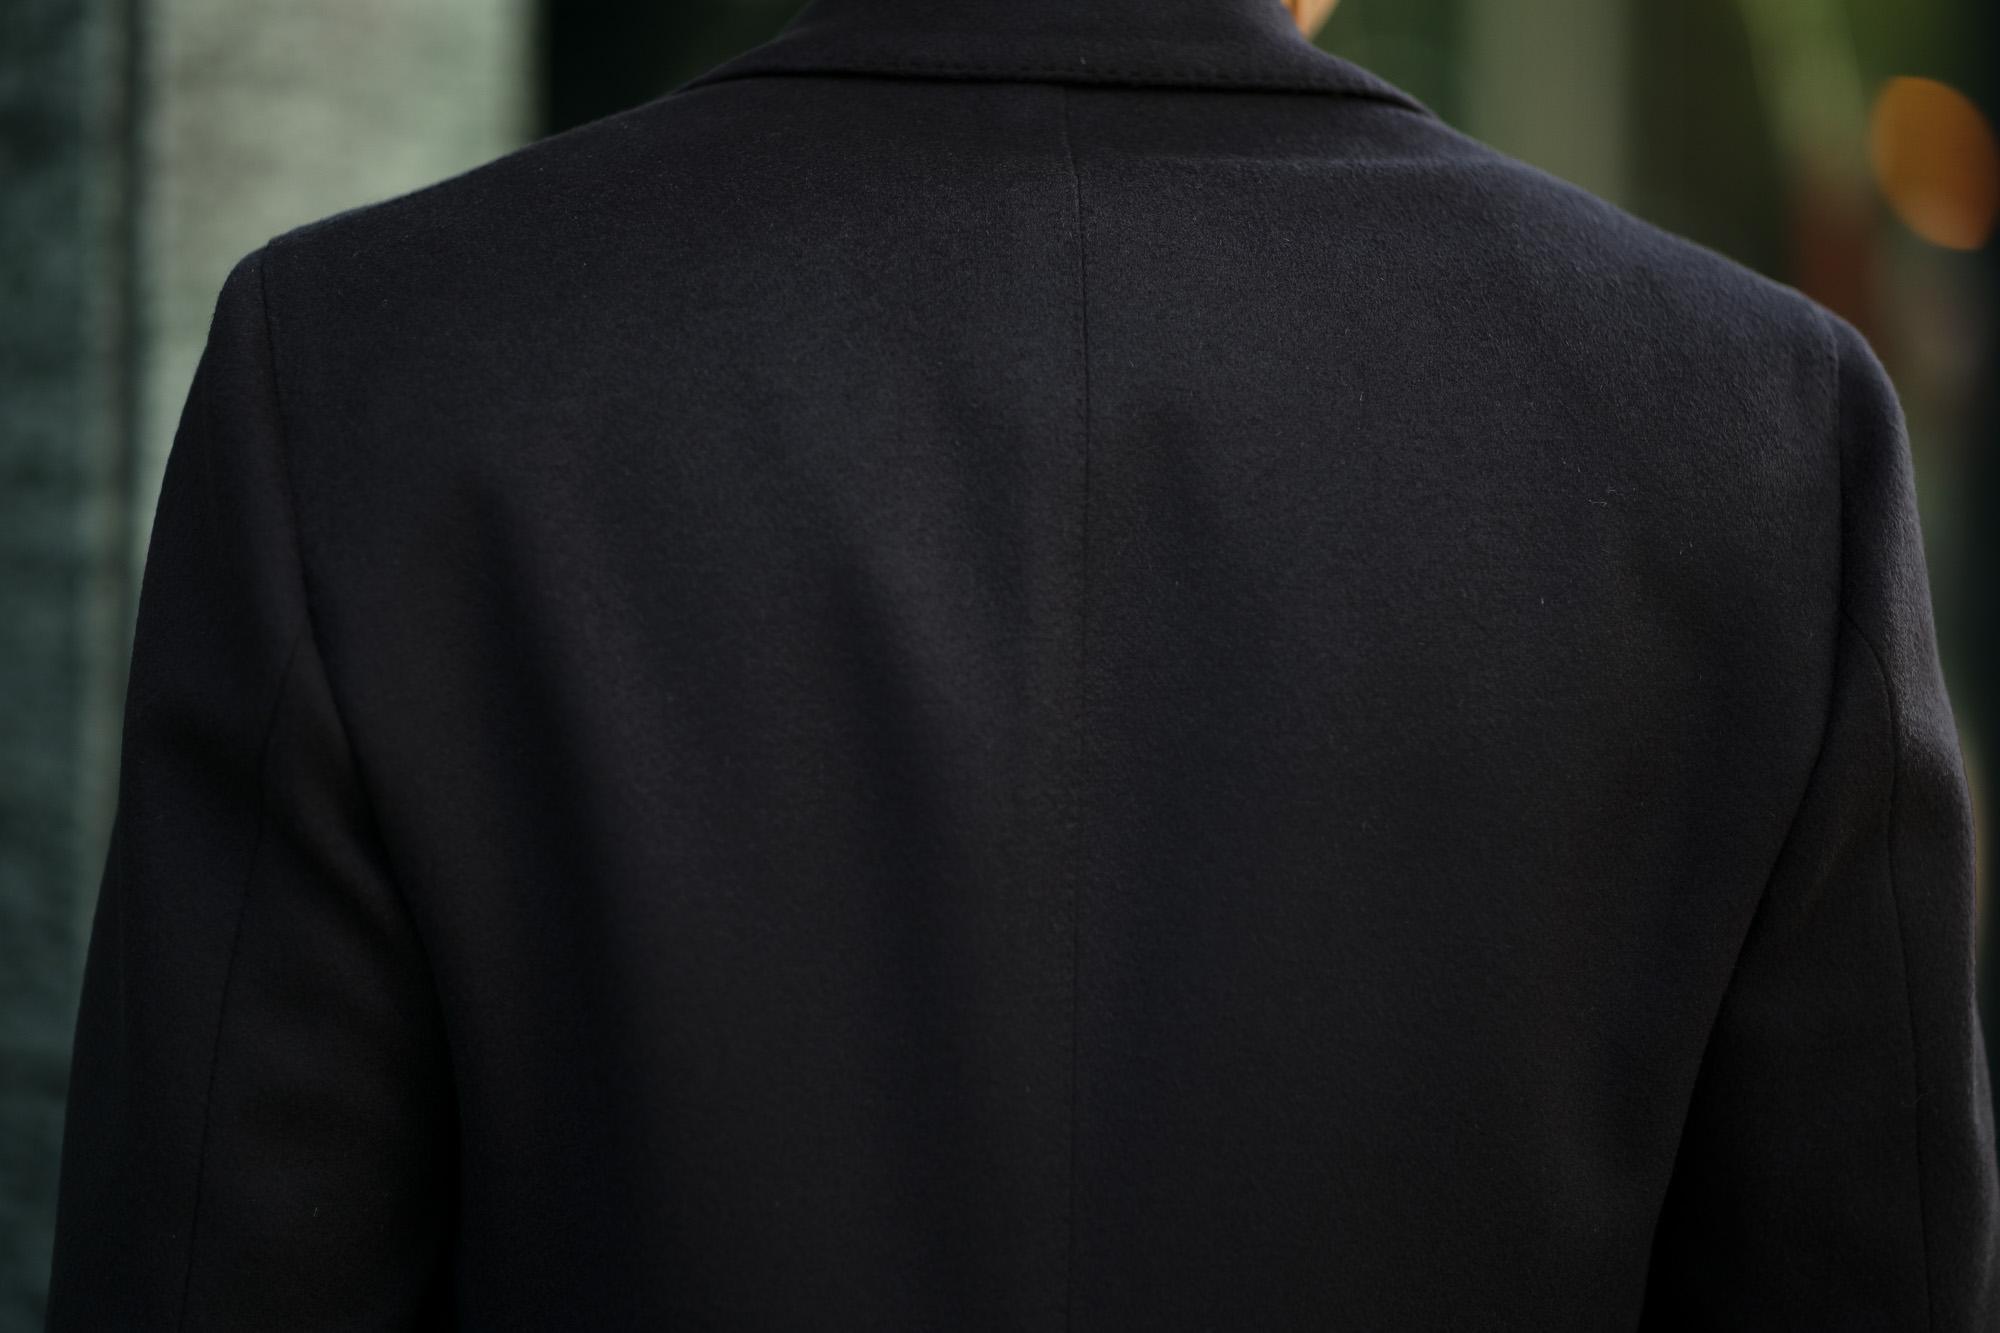 LARDINI (ラルディーニ) Spolverino Chester coat (スポルベリーノ チェスターコート) フラノウール生地 シングル チェスターコート NAVY (ネイビー・5) Made in italy (イタリア製) 2019 秋冬新作 alto e diritto altoediritto アルトエデリット